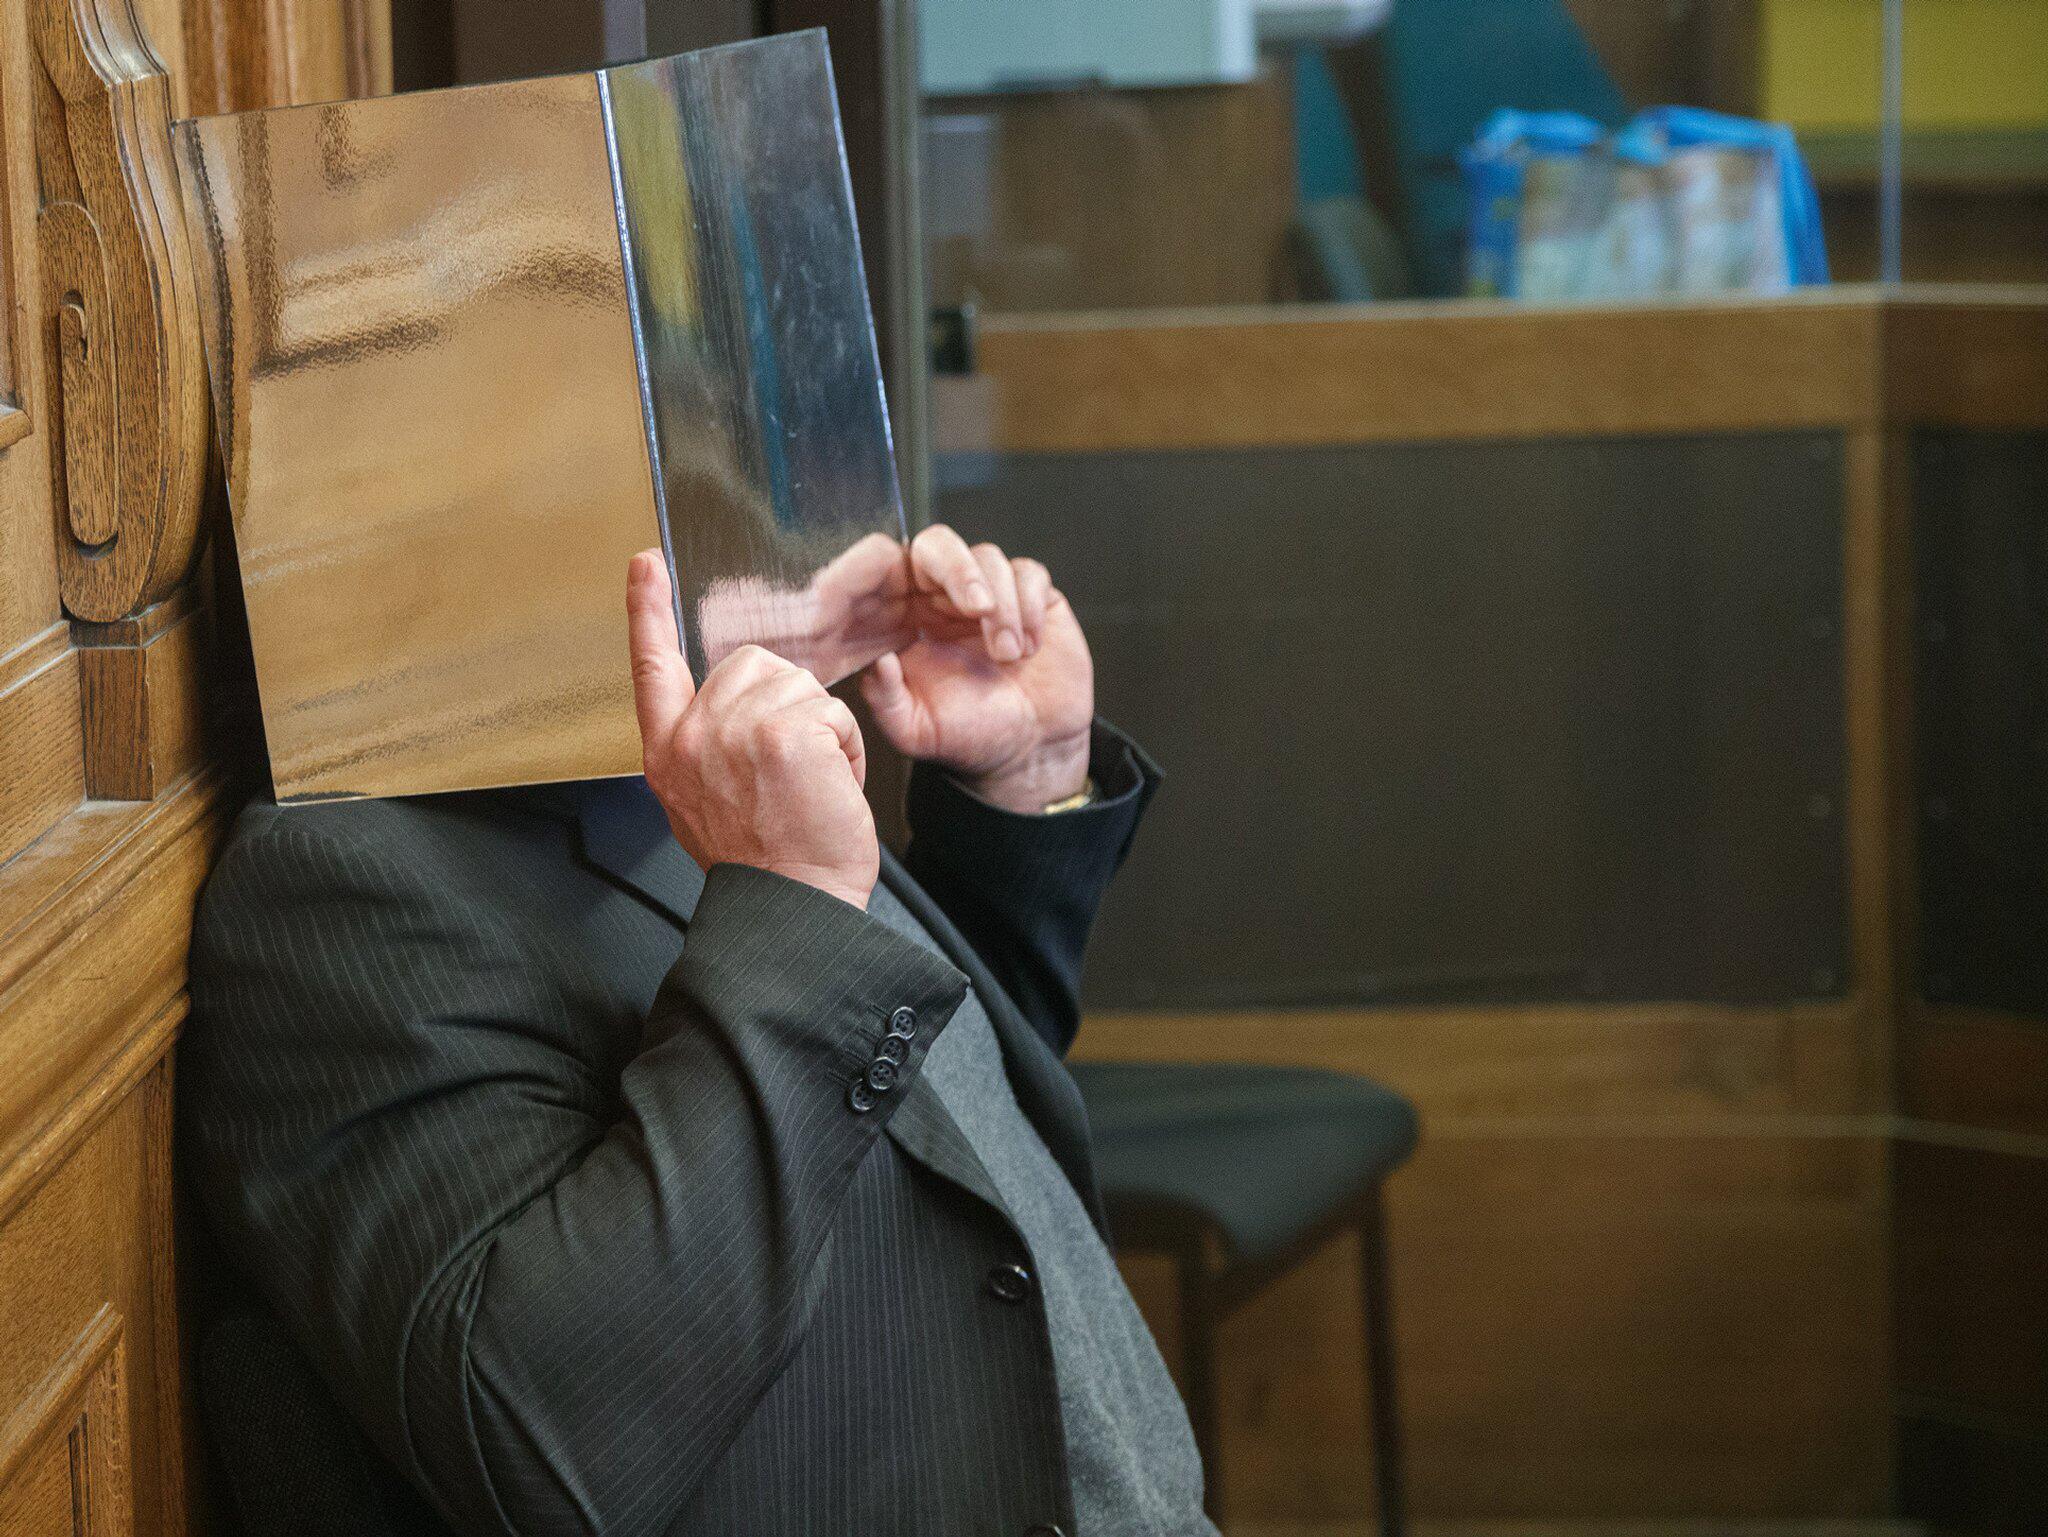 Bild zu Prozess um zerteilten Rentner in Tiefkühltruhe